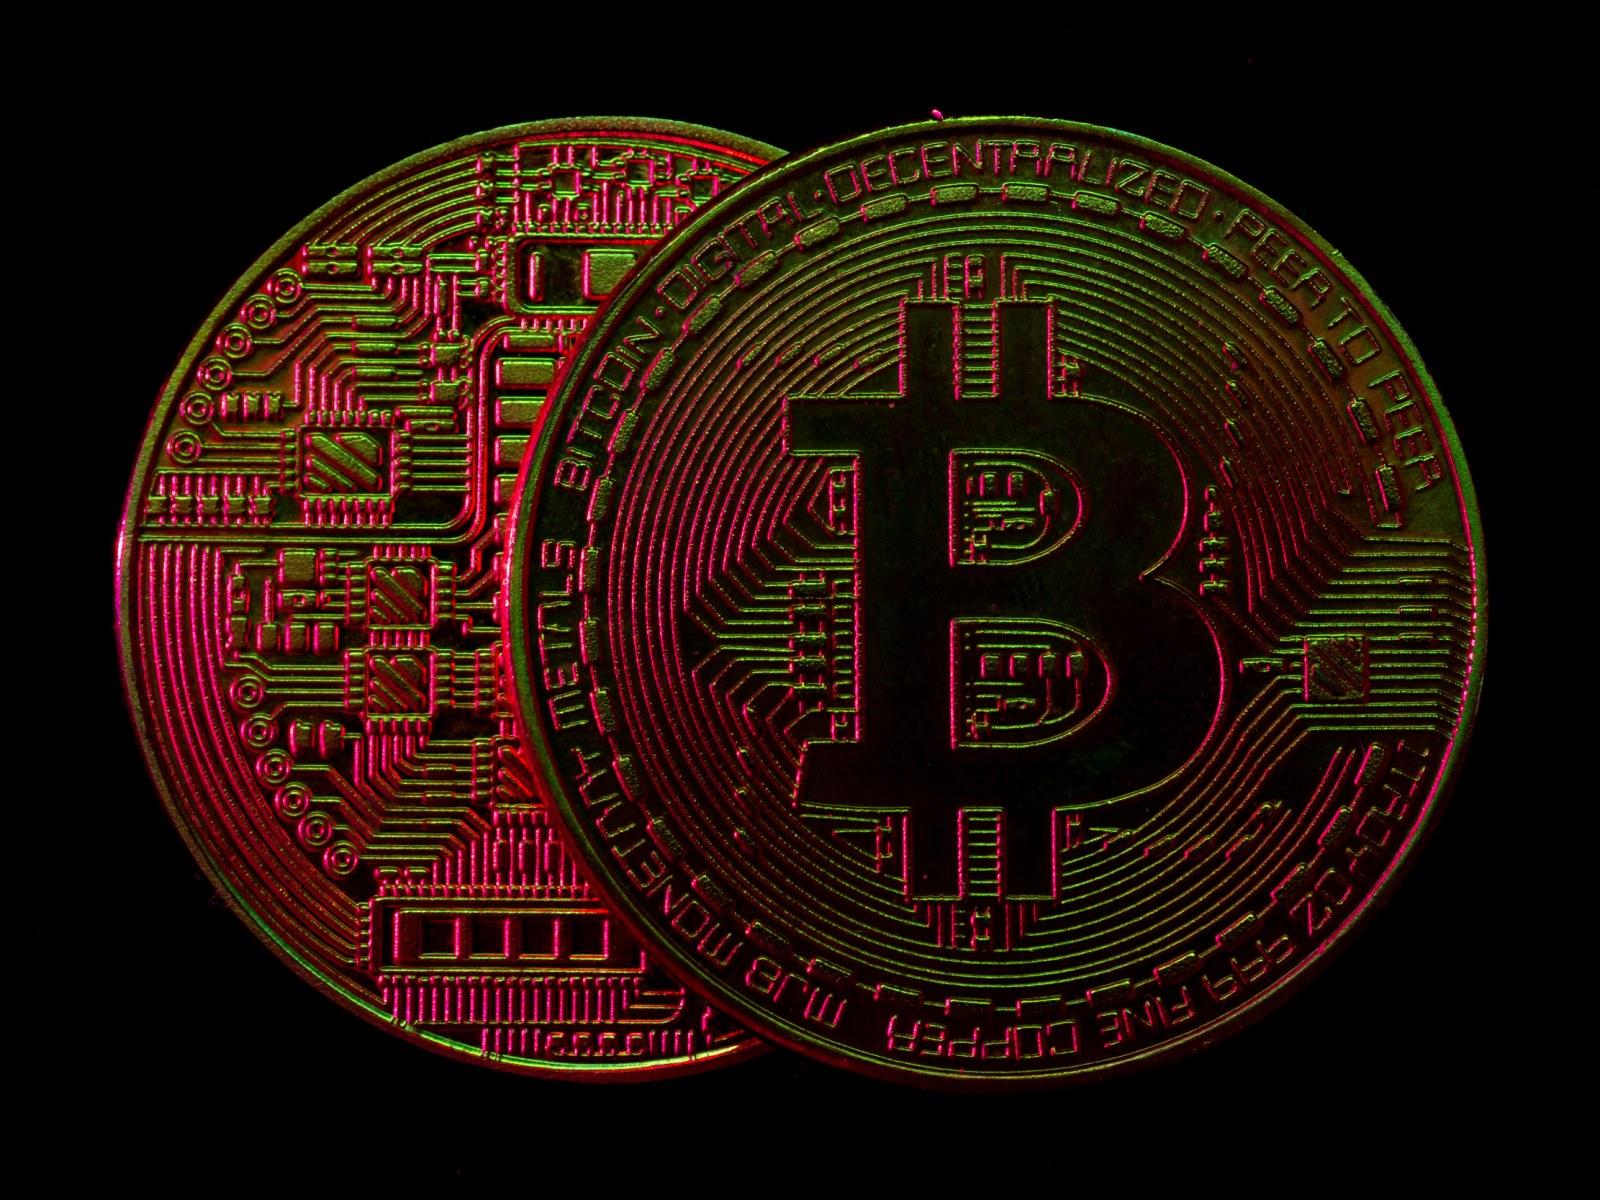 Bitcoins newsweek online tennis ball cricket betting tips free